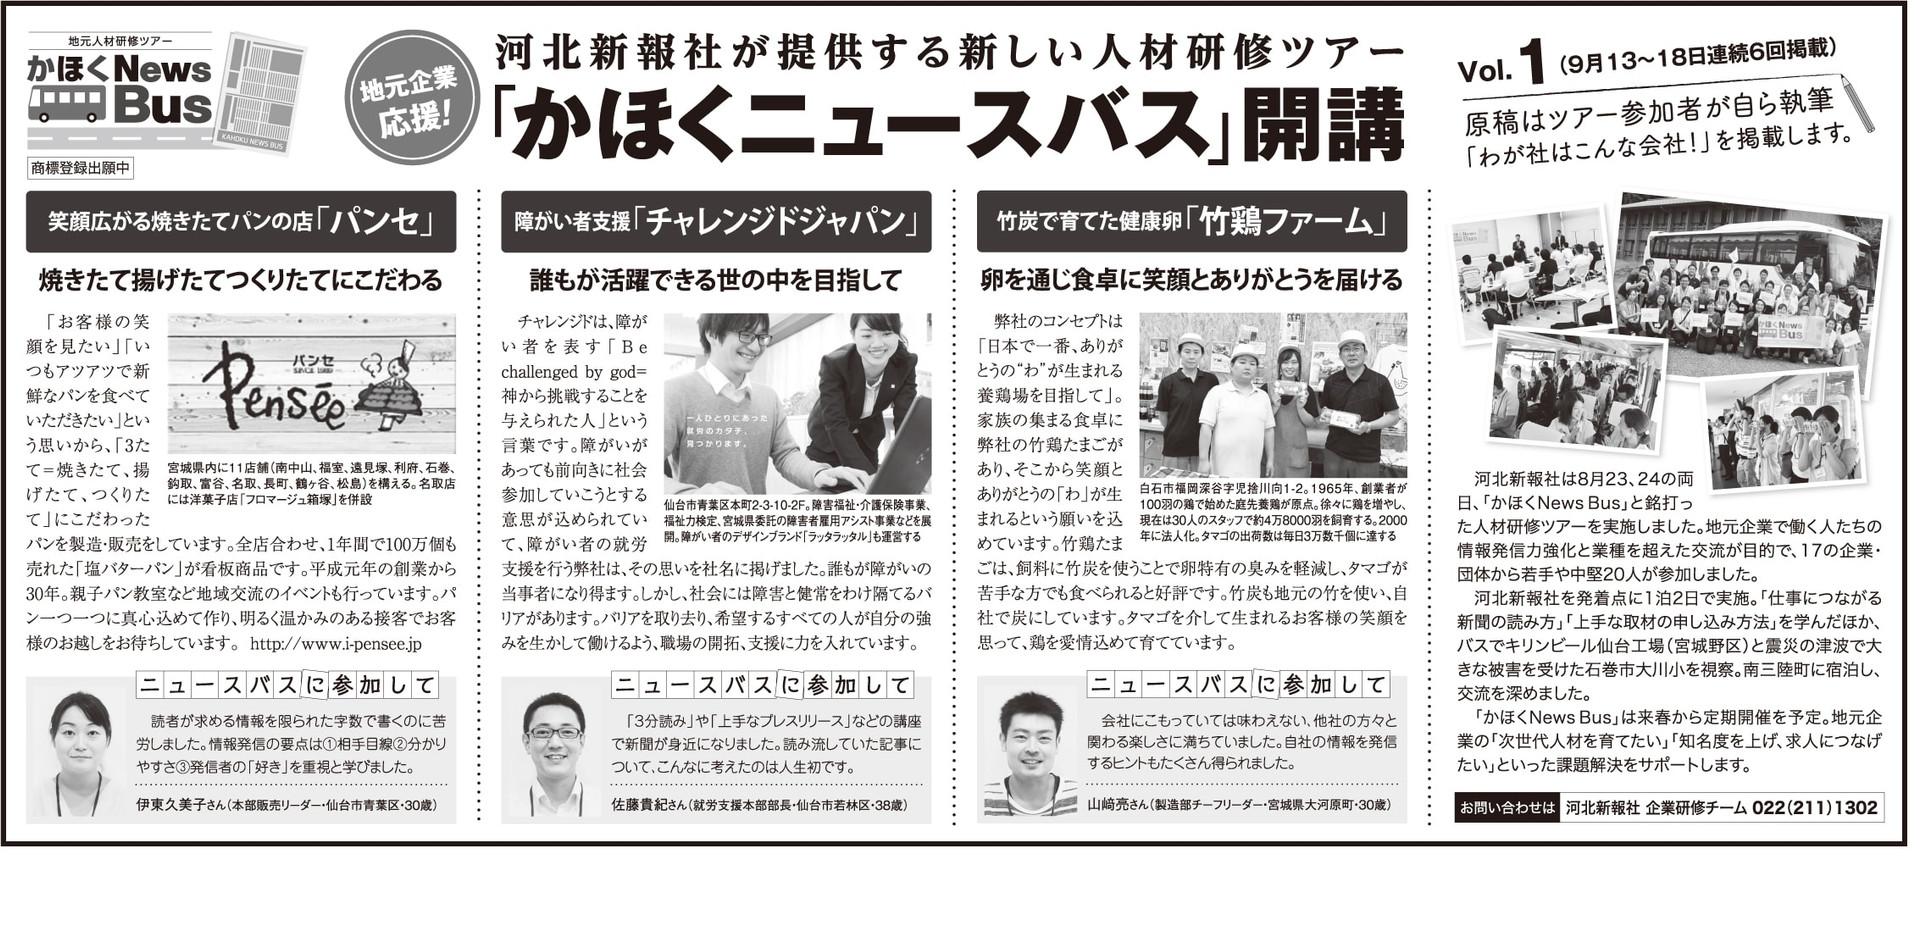 かほくNews Bus 広告原稿_Vol1-min.jpg